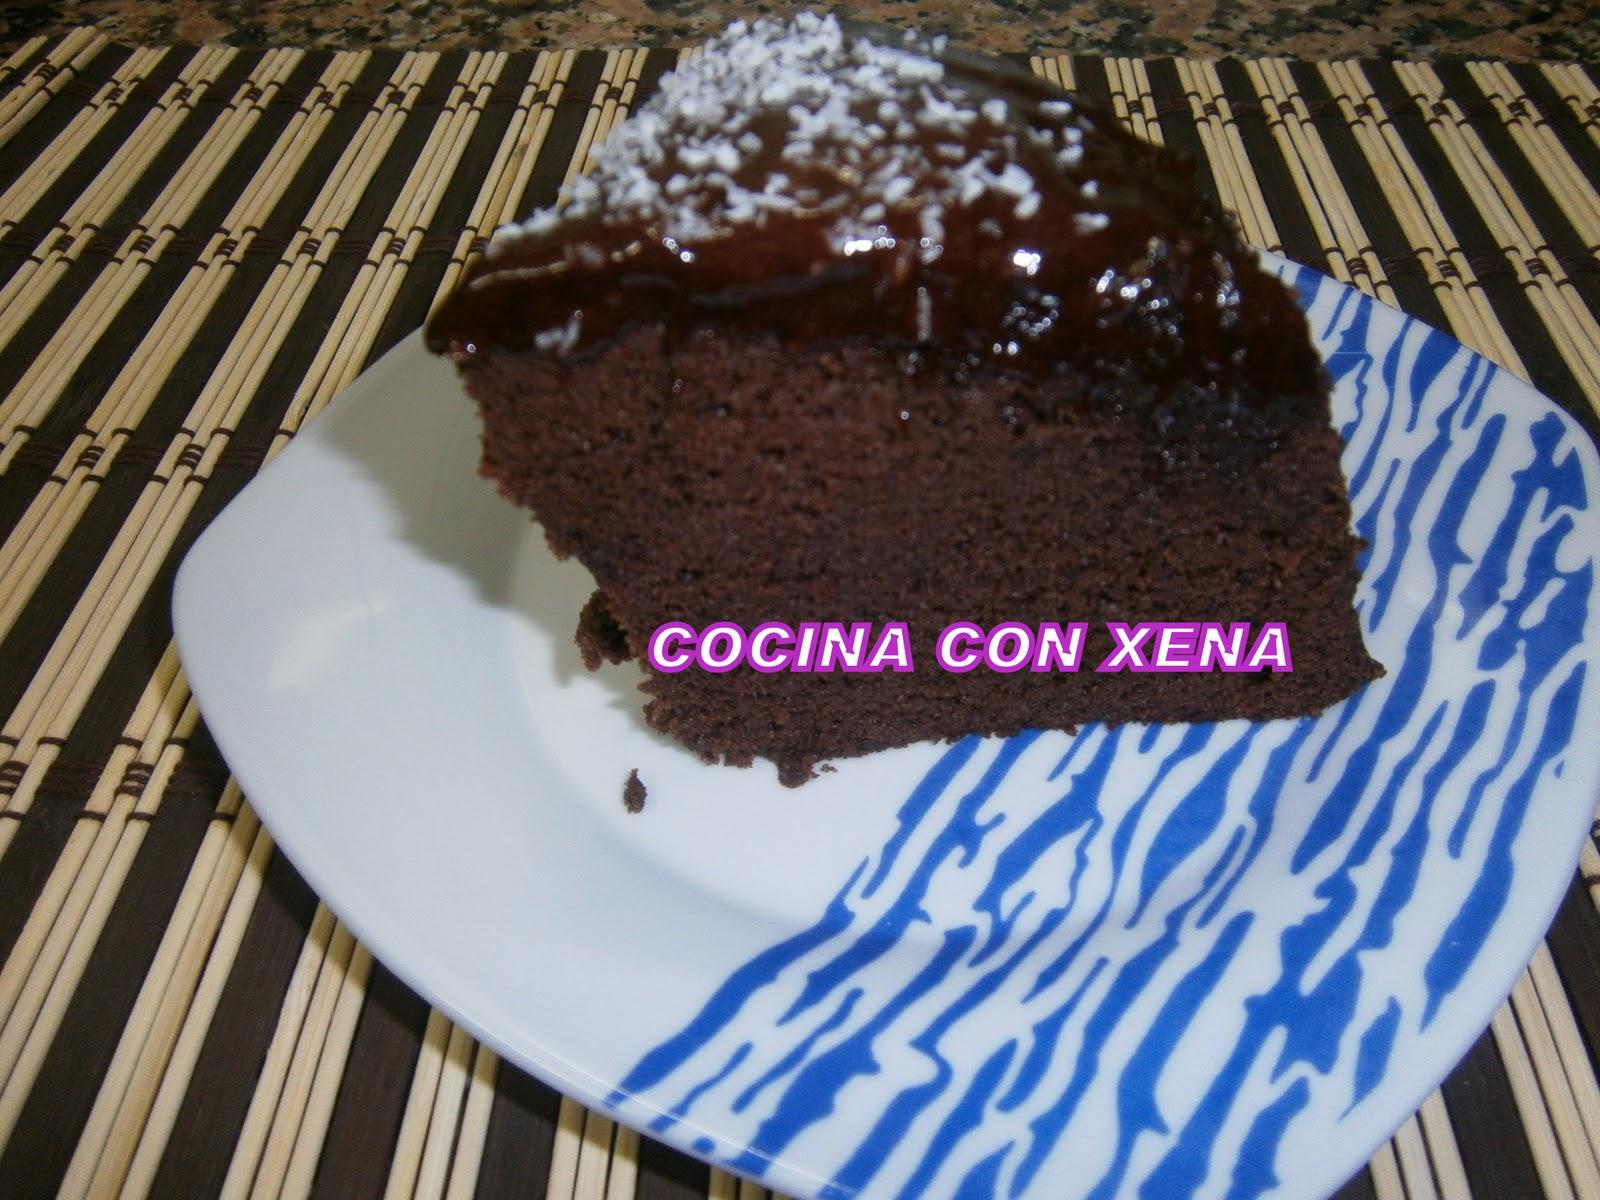 Cocina con xena bizcocho de chocolate en microondas en - Bizcocho microondas 3 minutos ...